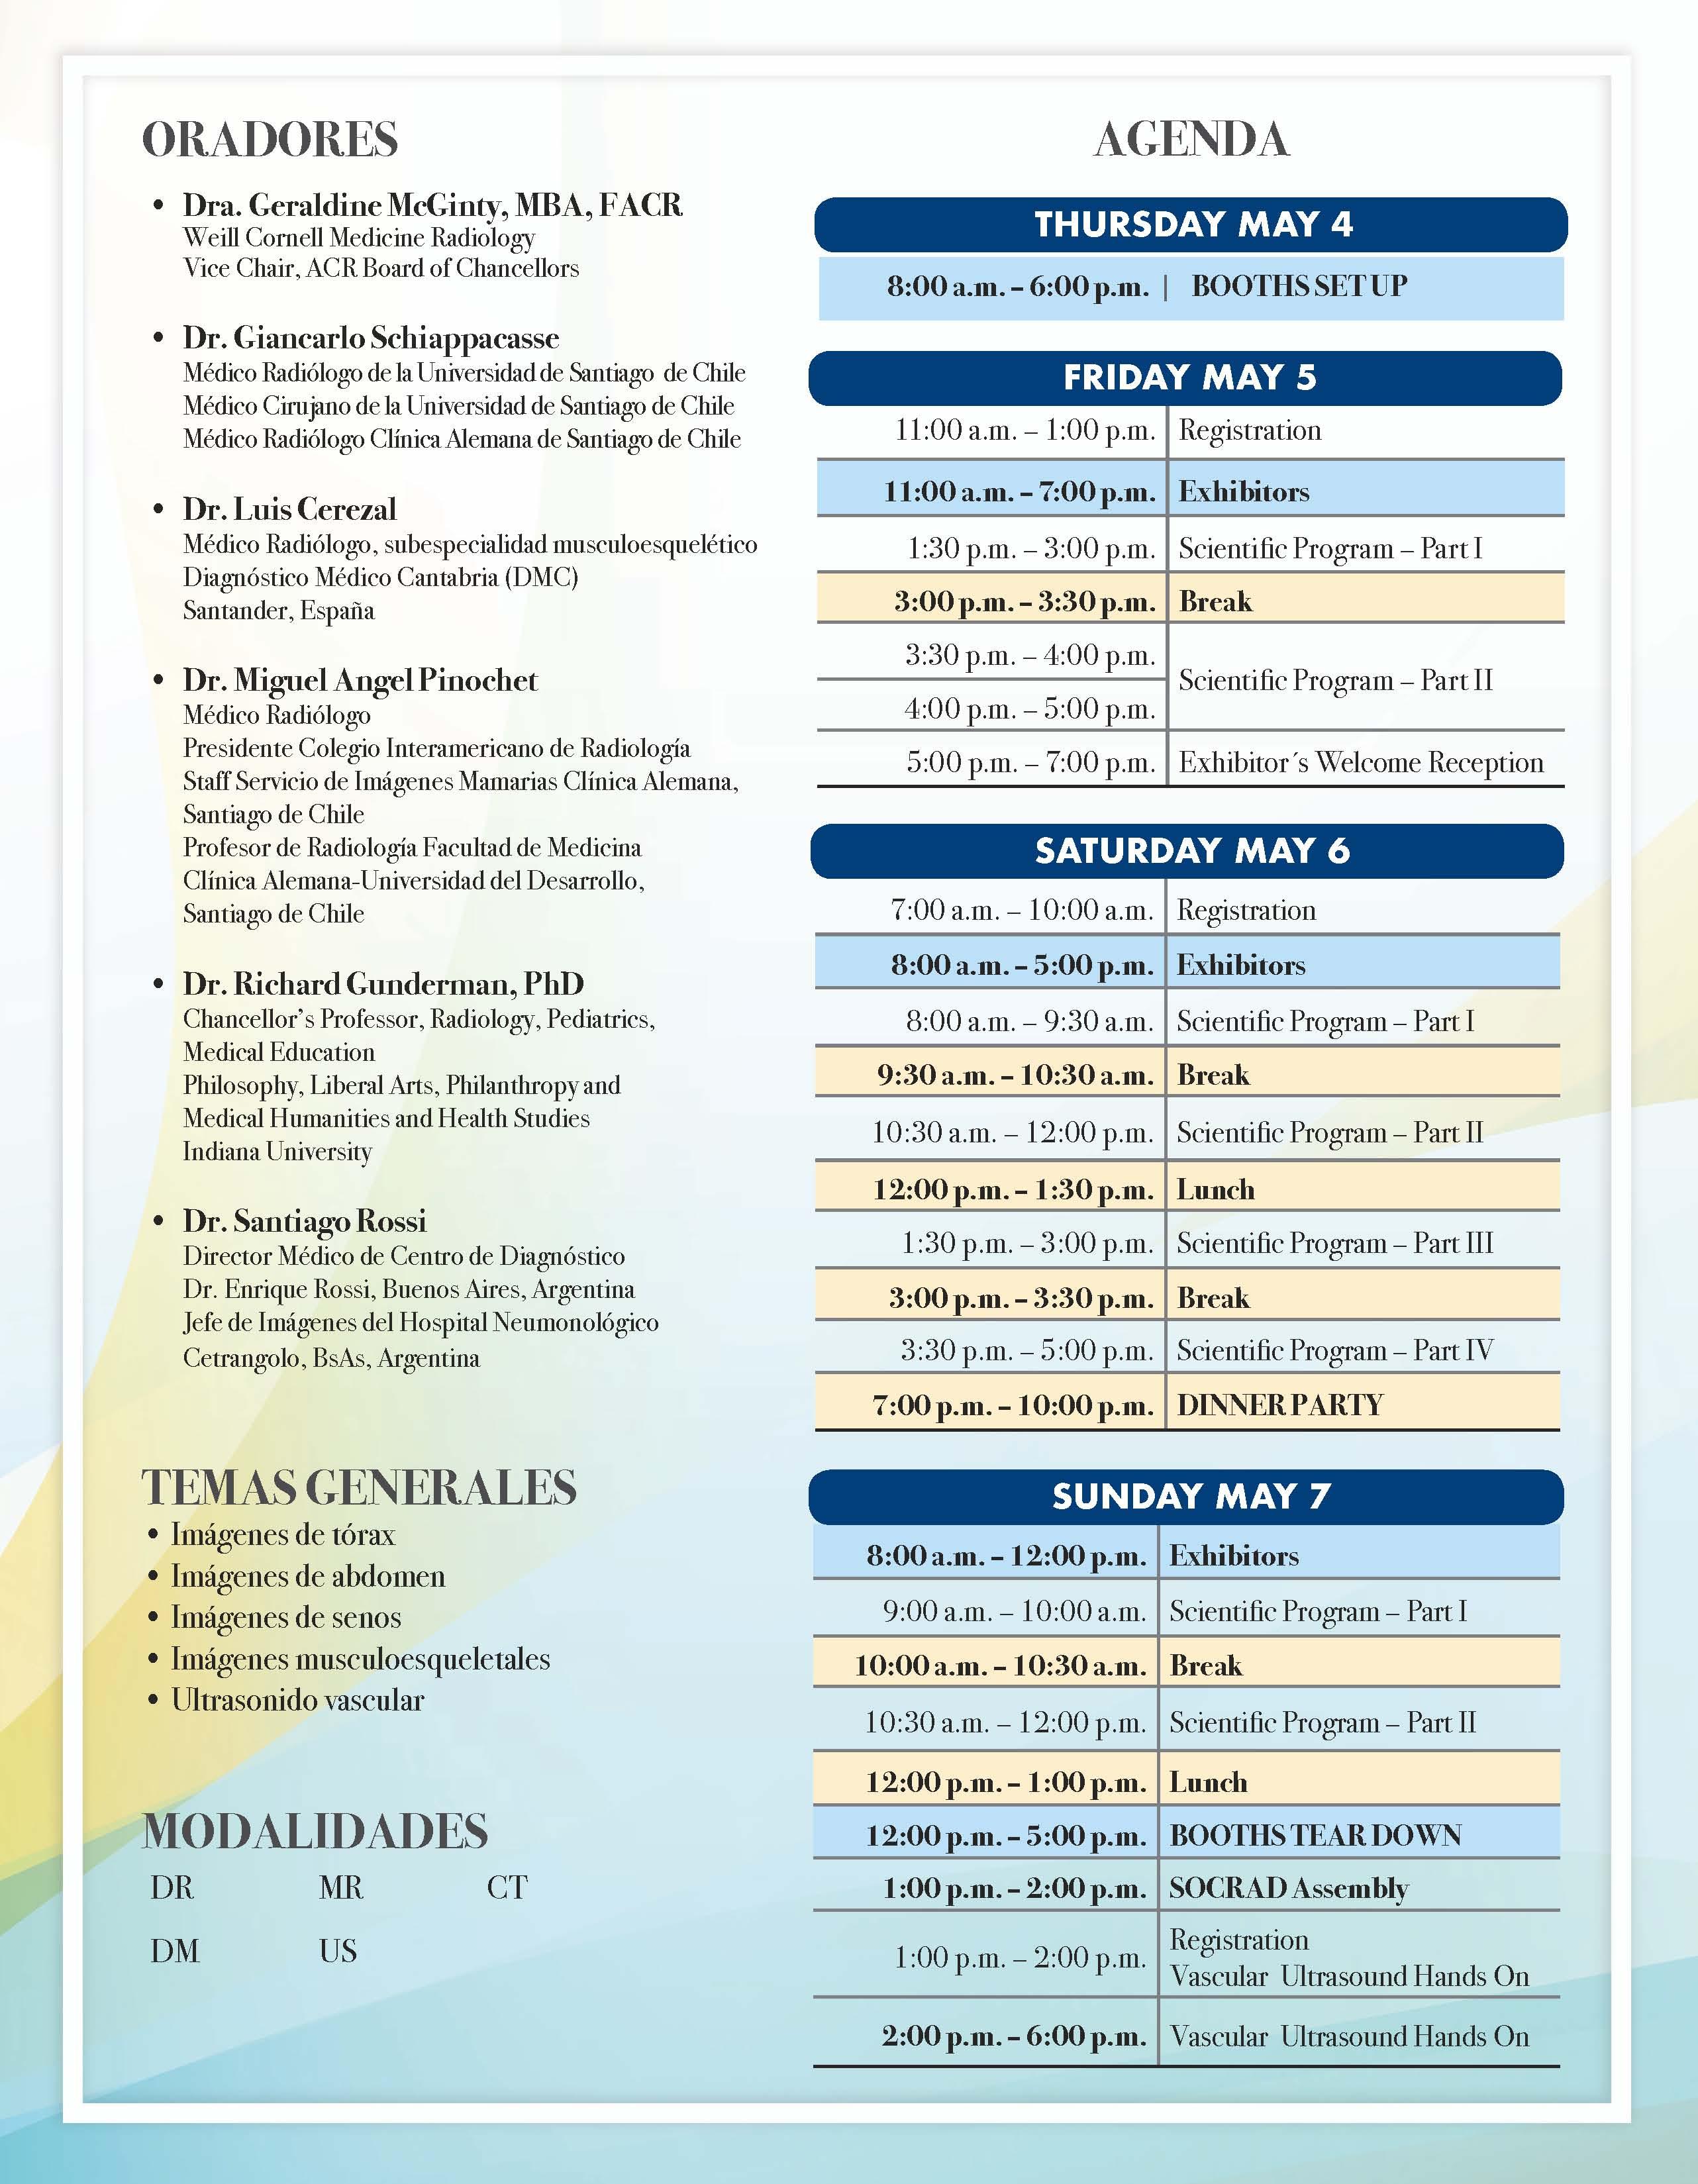 21ra Convención Anual SOCRAD